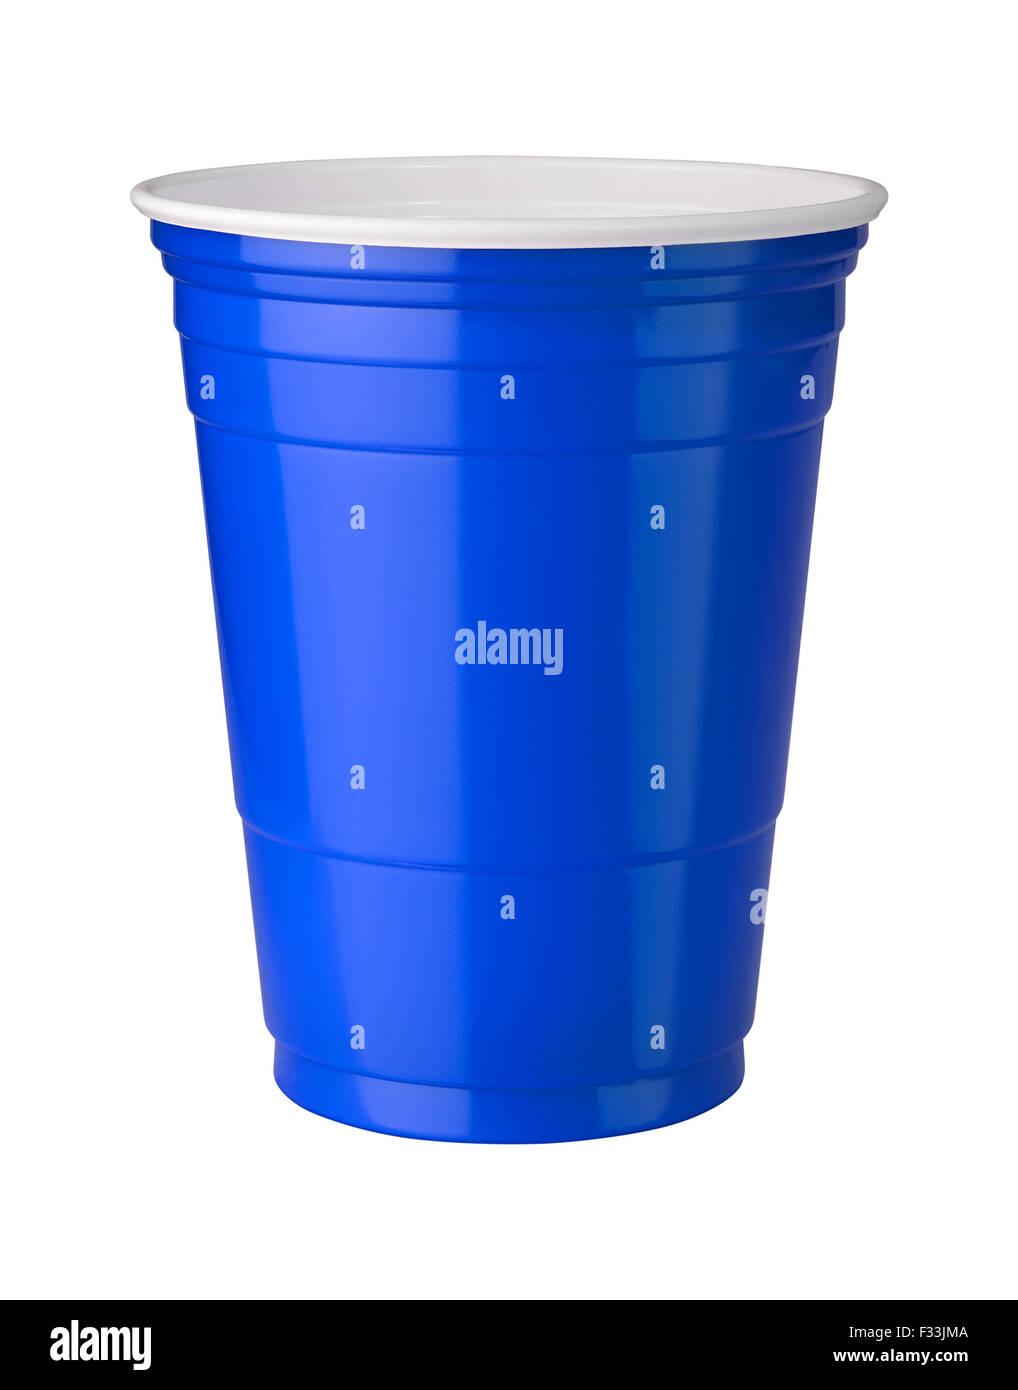 Tasse en plastique bleu isolé sur blanc. Photo Stock